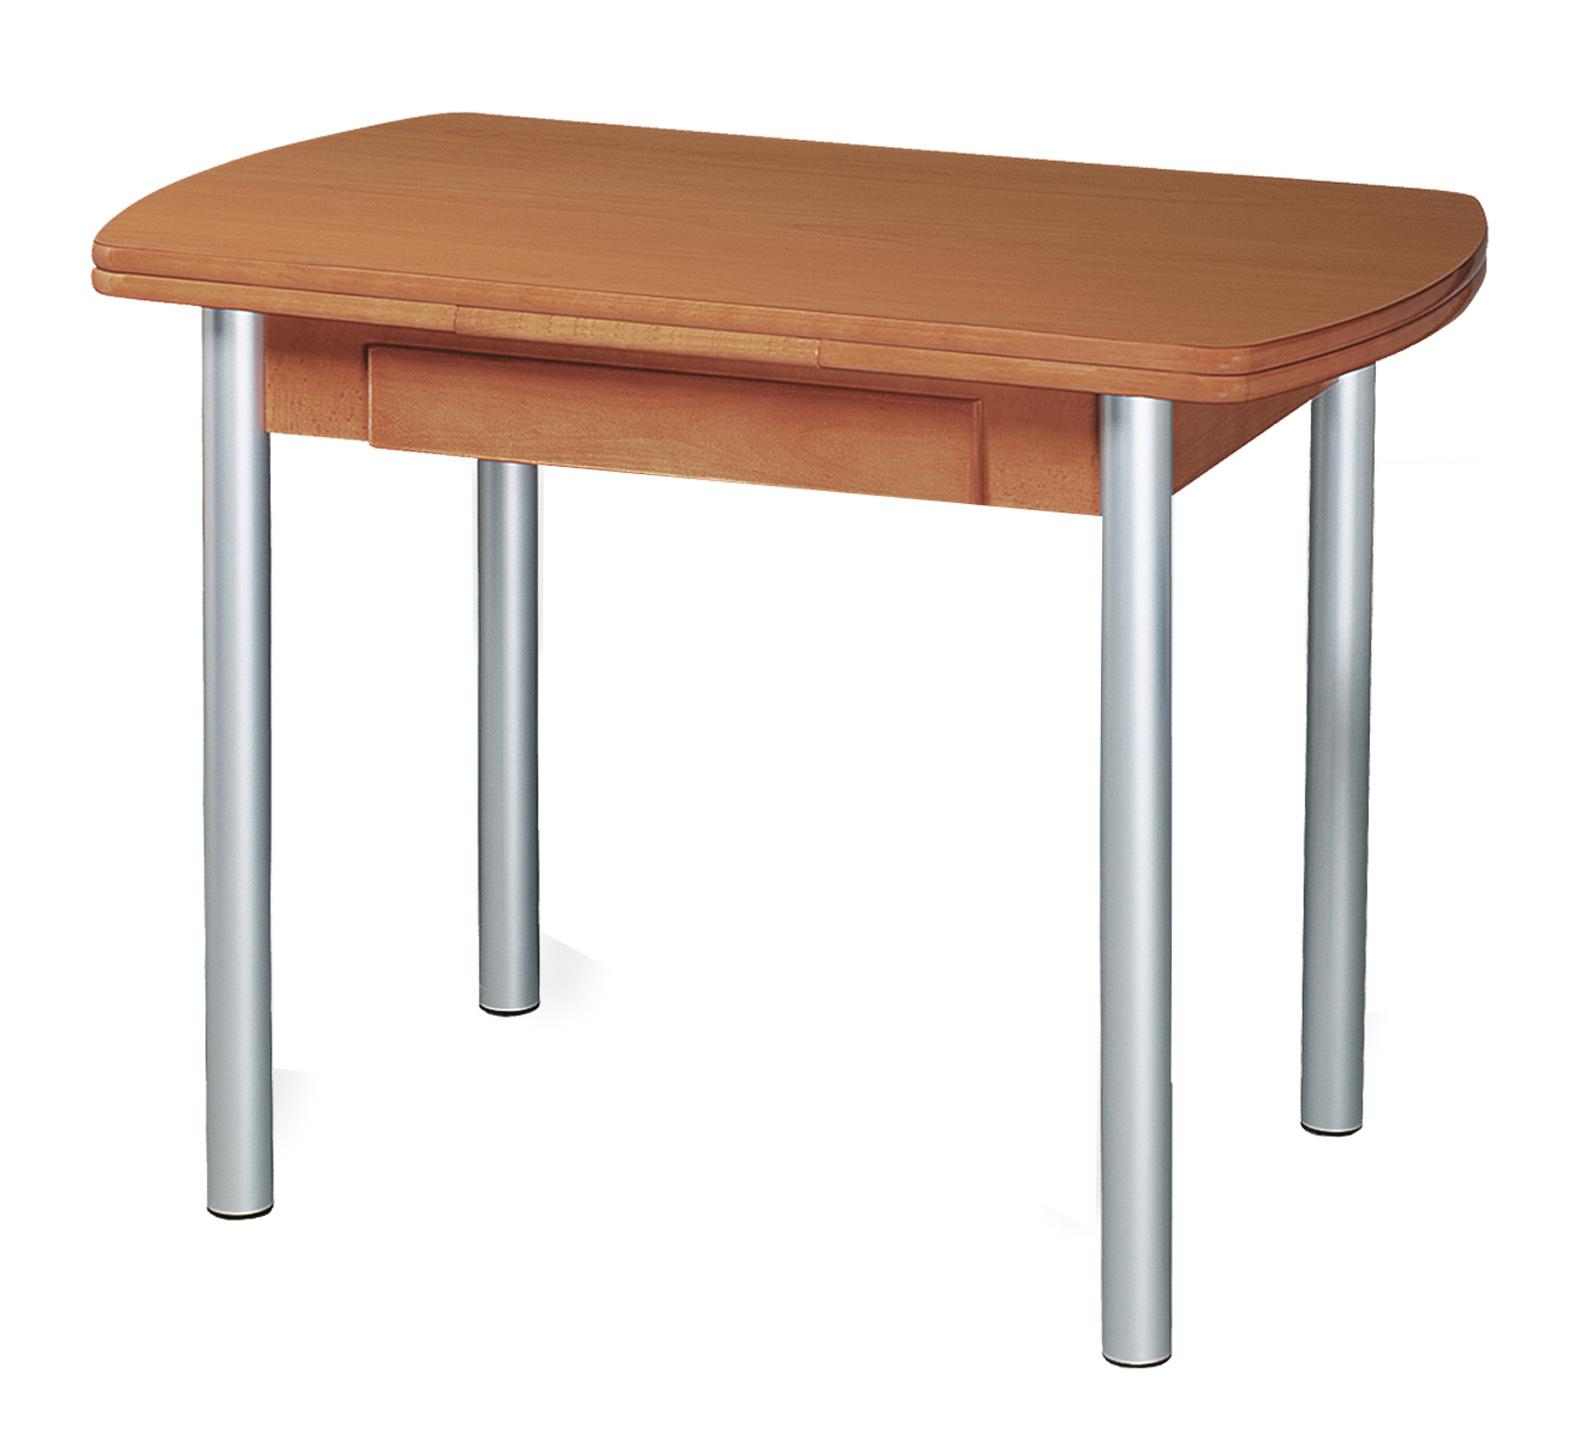 Mesa cocina oval 100 decora descans complementos mueble - Mesas de cocina bricor ...